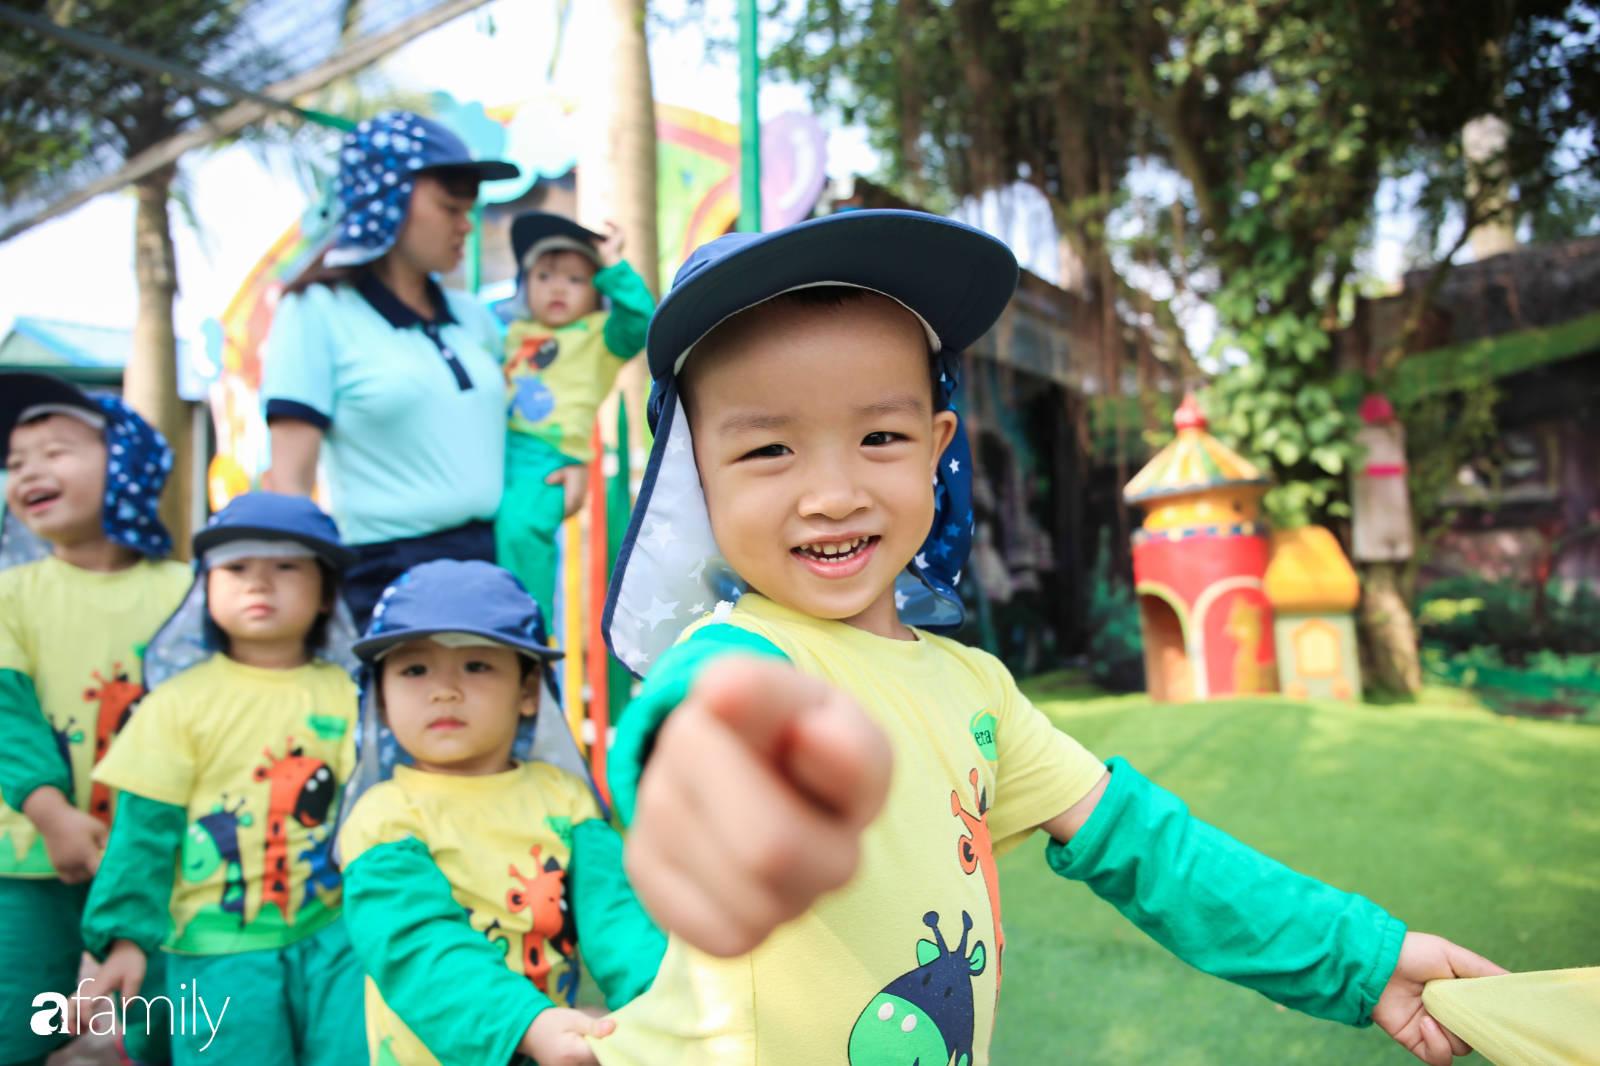 Ghé thăm trường mầm non sinh thái đầu tiên tại Hà Nội, nơi các con tự khám phá cuộc sống bằng tất cả giác quan - Ảnh 5.